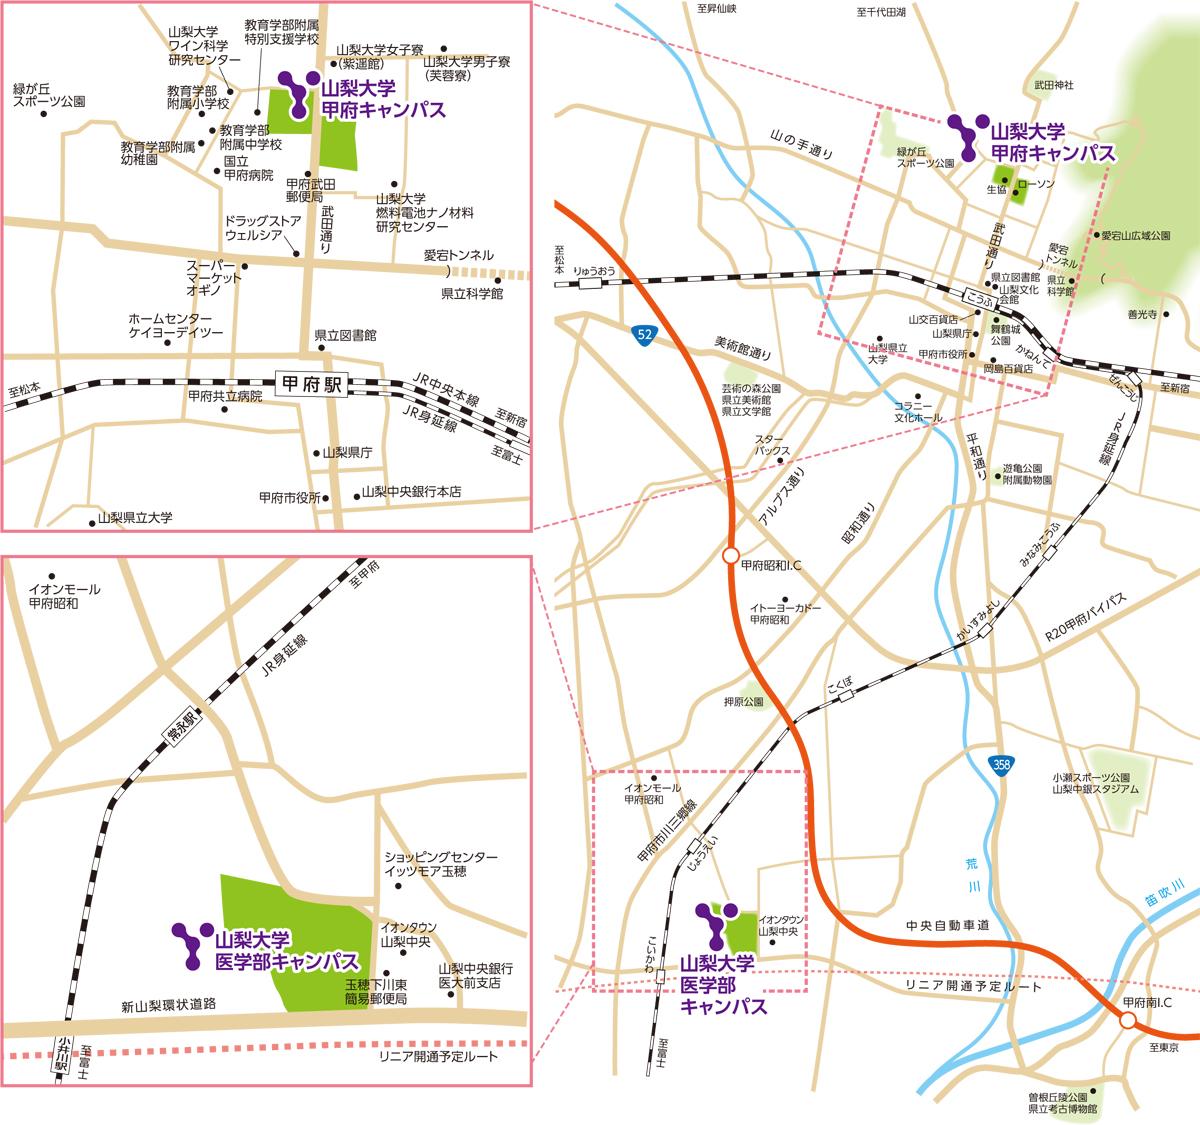 山梨大学キャンパス周辺マップ